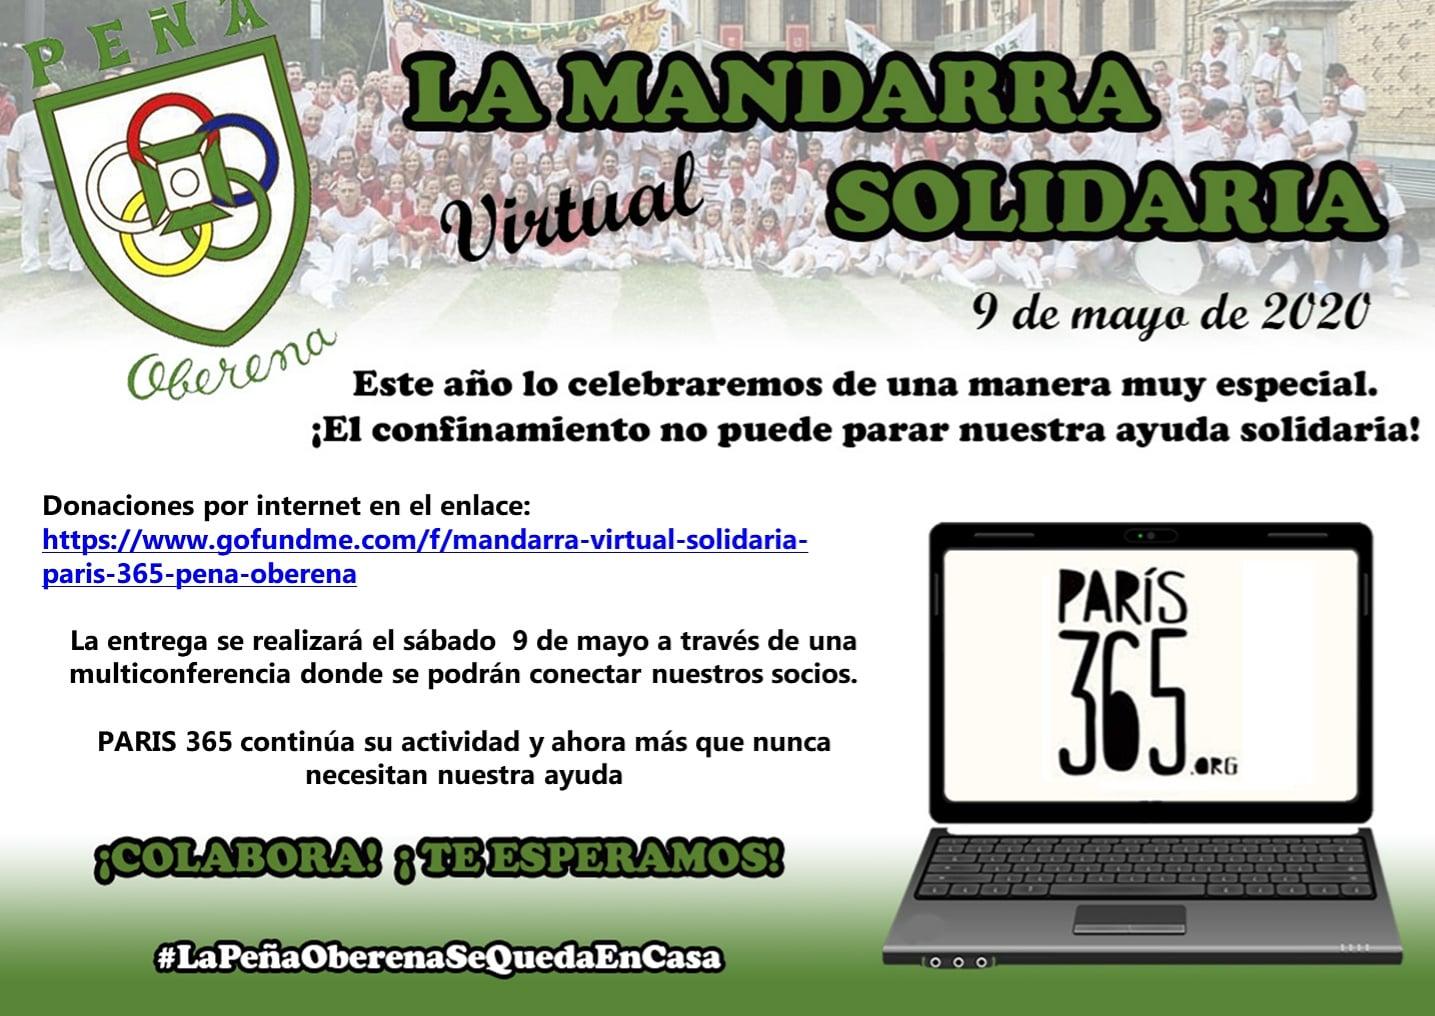 La «Mandarra» virtual solidaria 2020